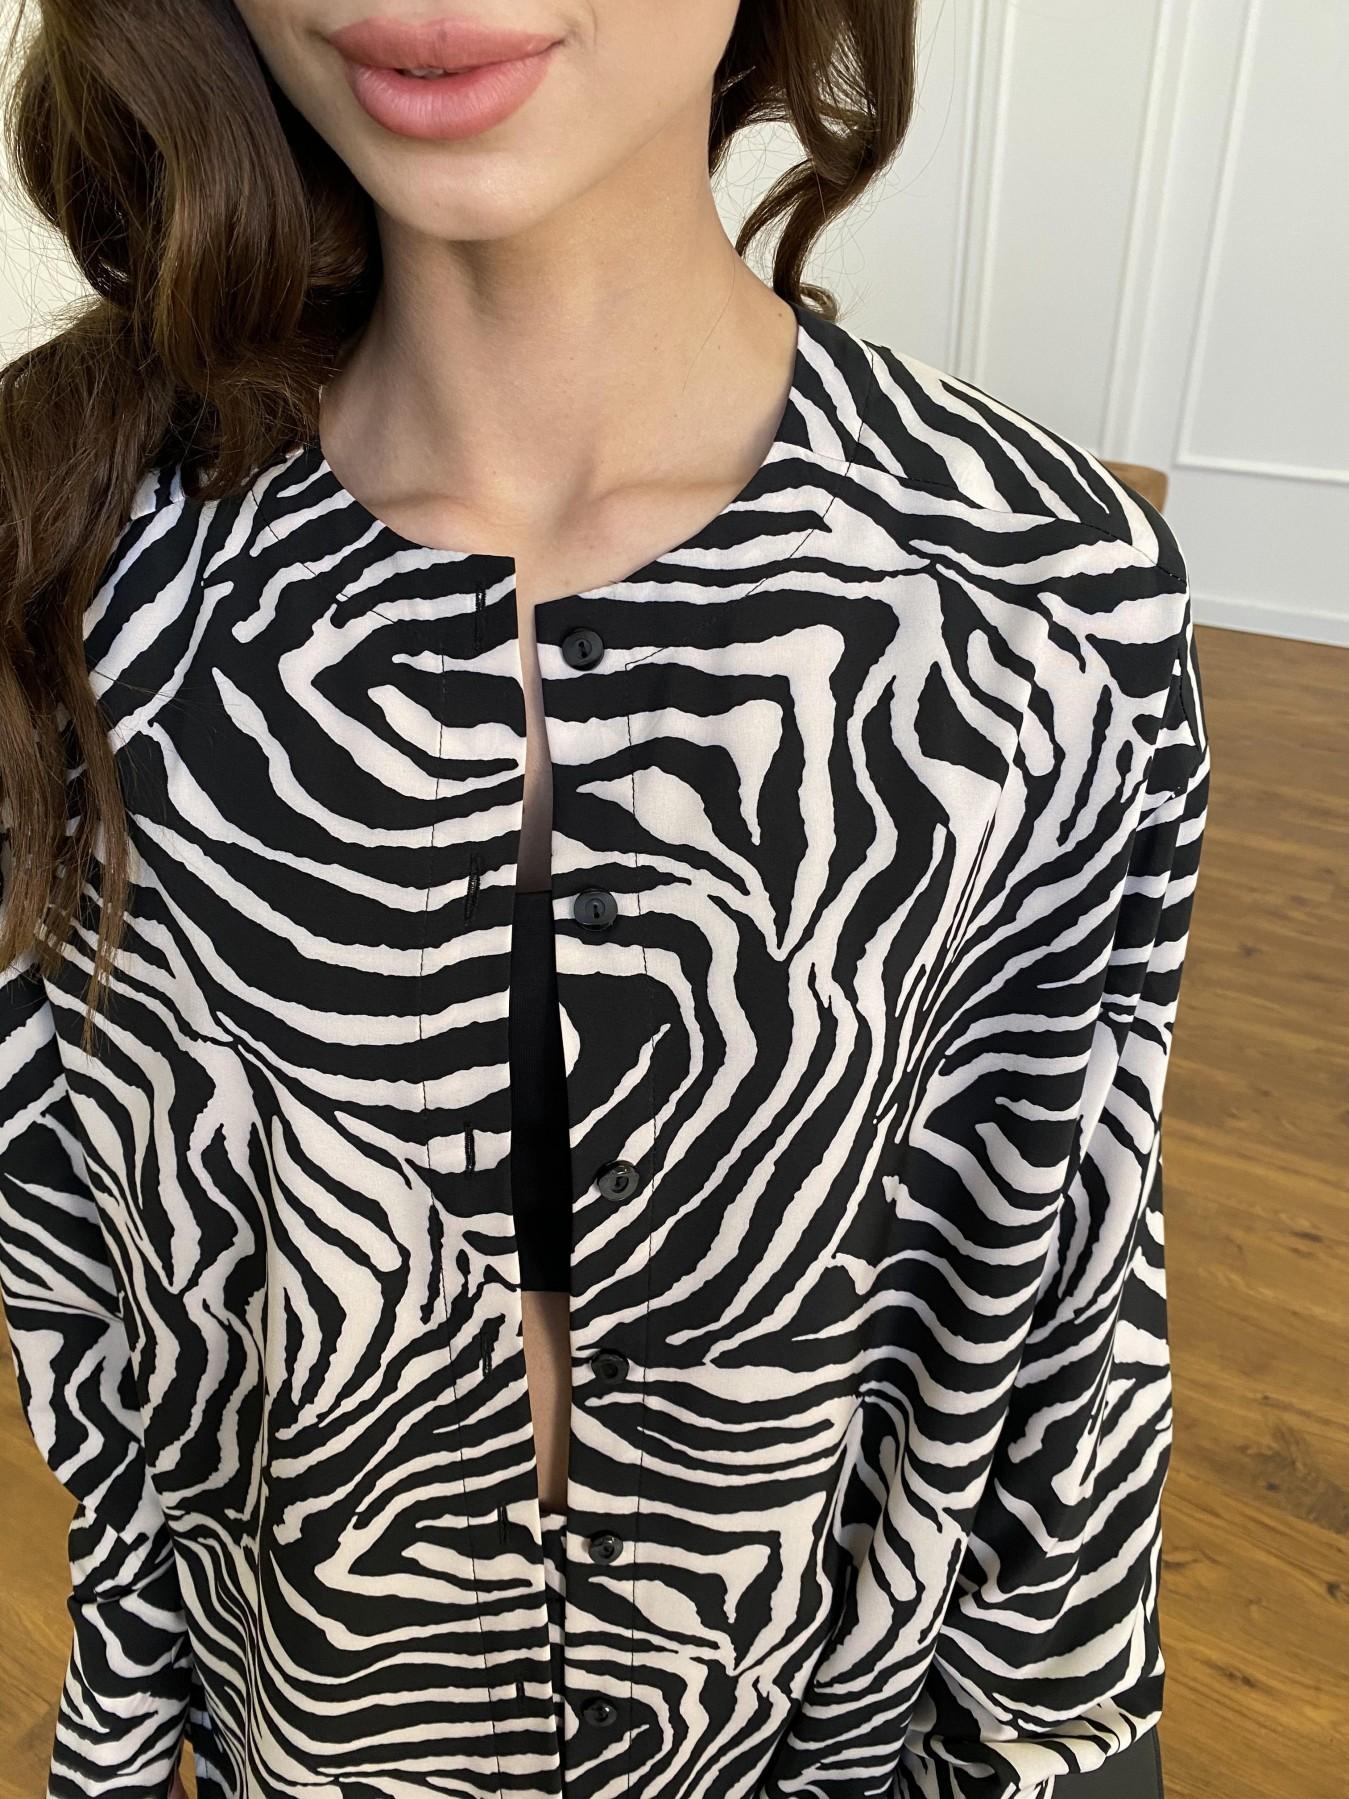 Колибри костюм софт с принтом 11244 АРТ. 47758 Цвет: Черный/молоко, Зебра - фото 4, интернет магазин tm-modus.ru